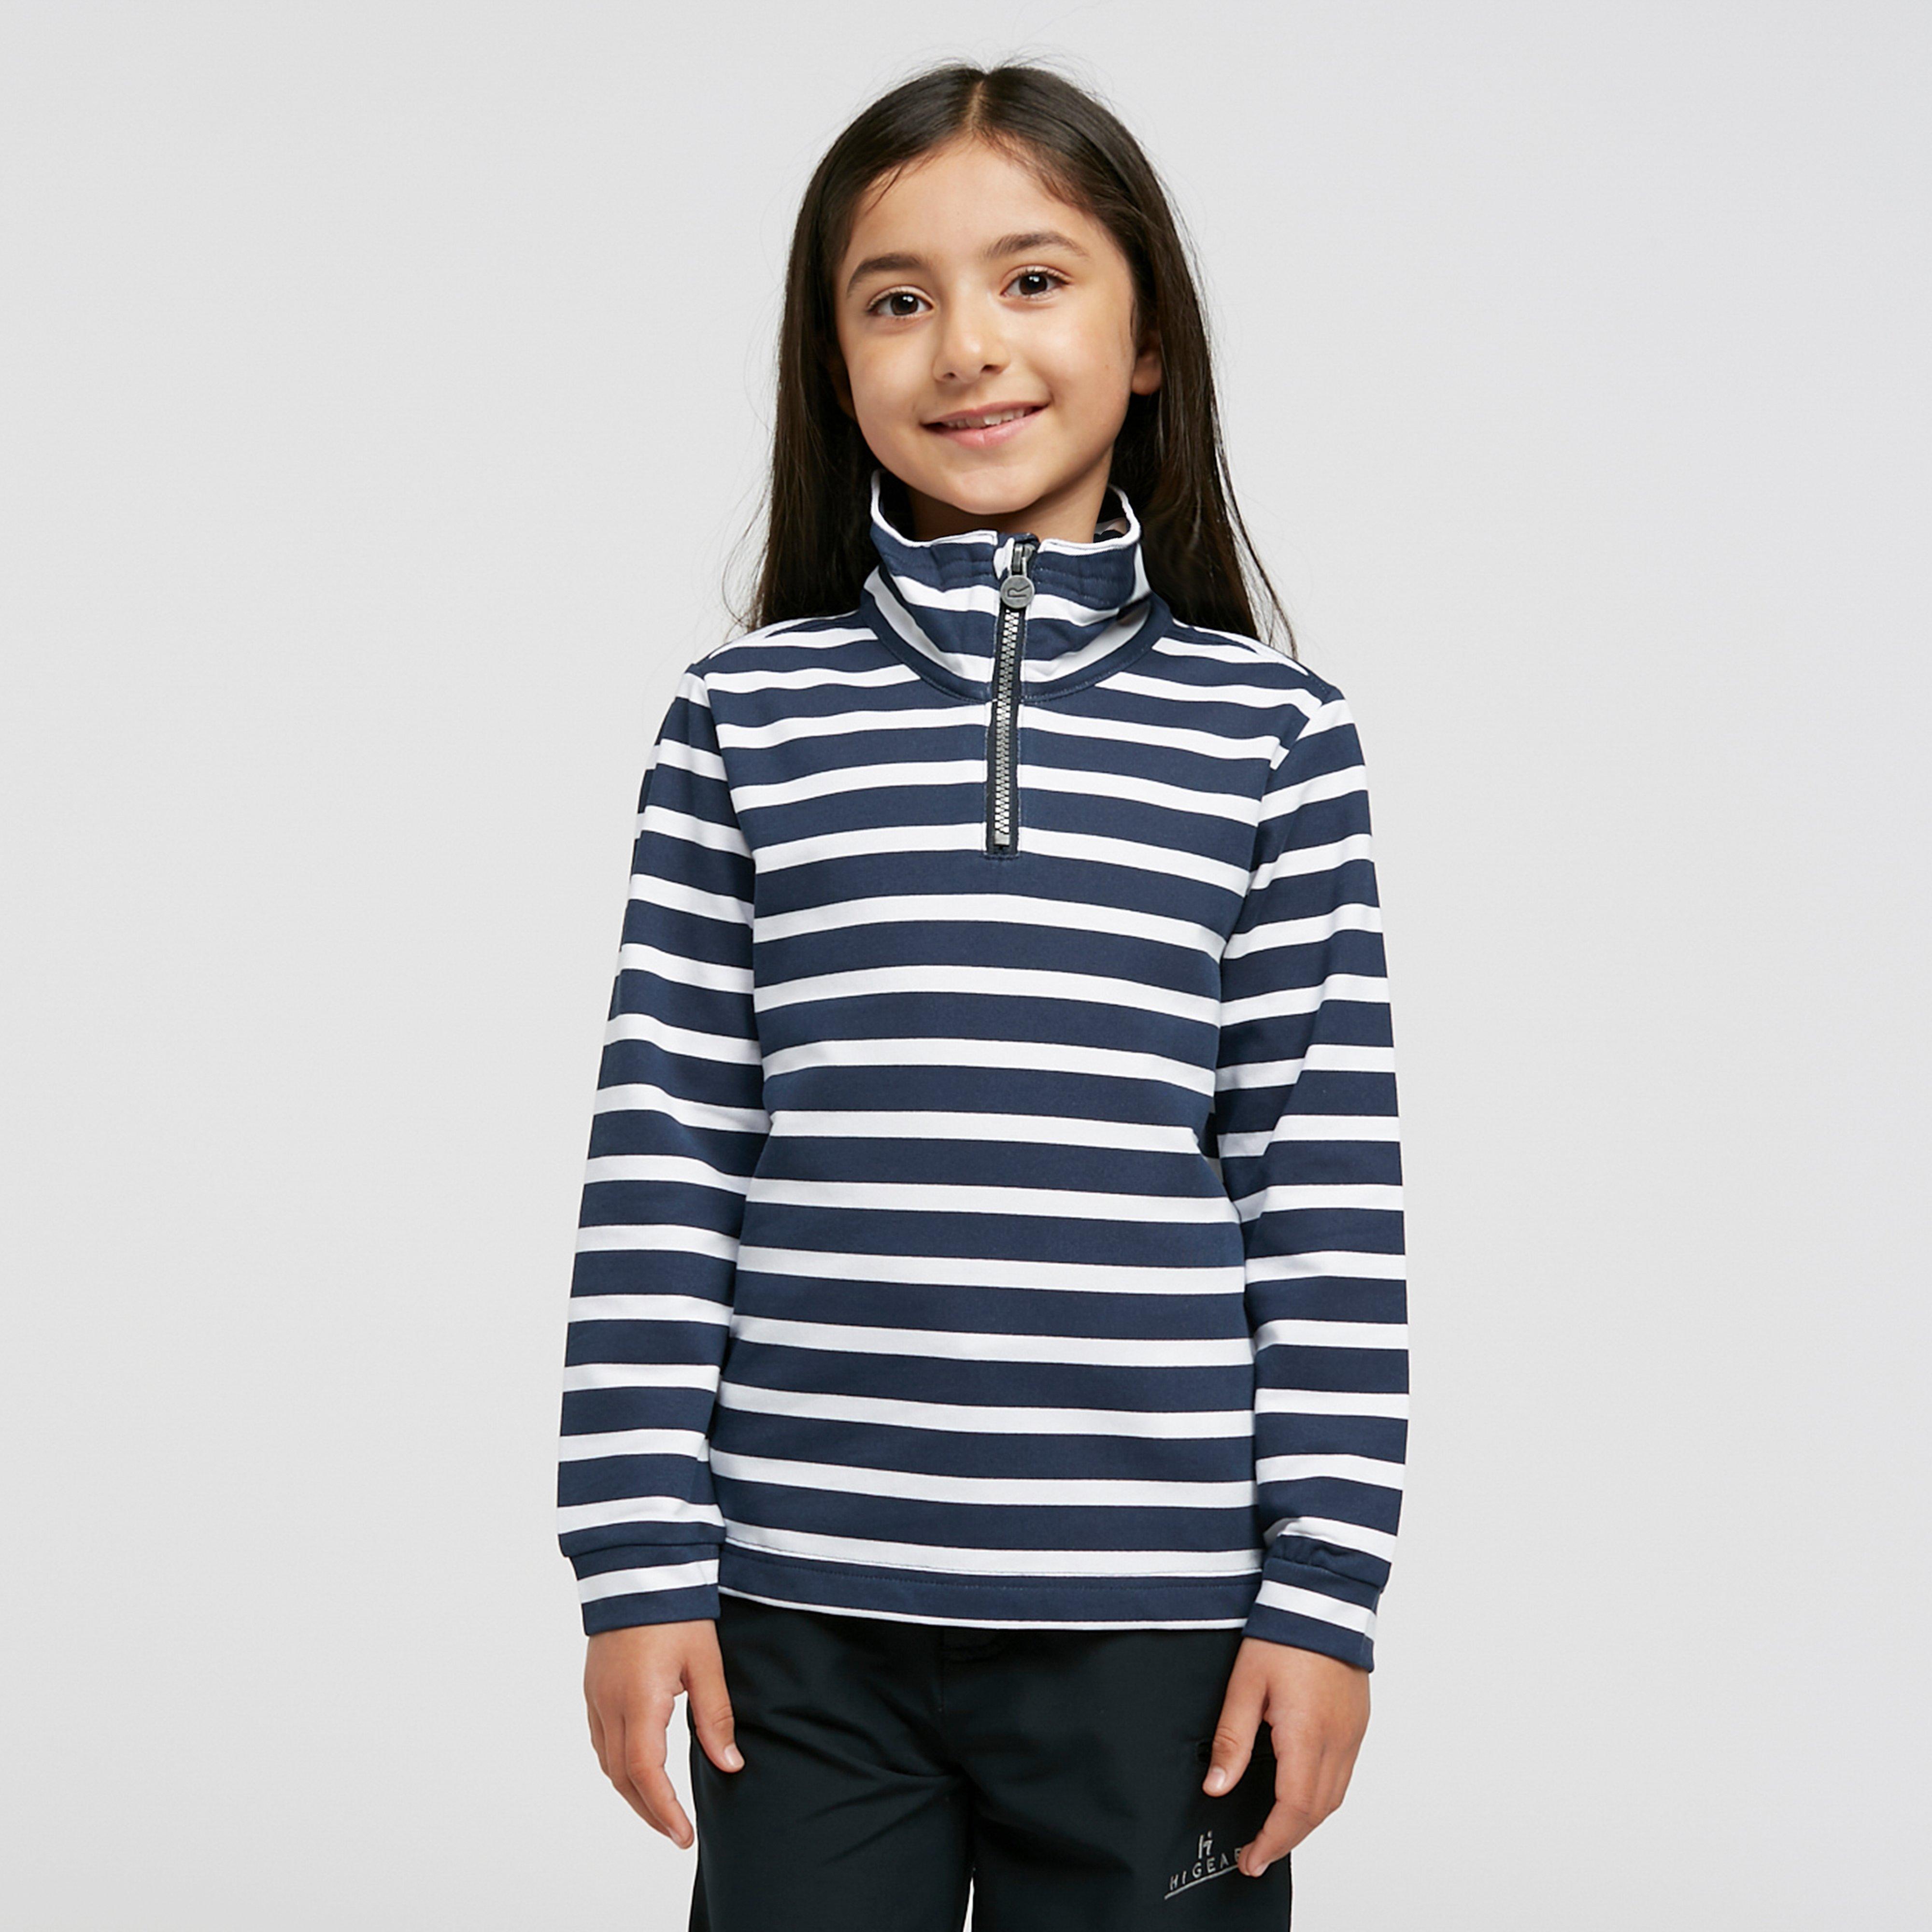 Regatta Kids Benji Half Zip Fleece - Multi/nvy  Multi/nvy